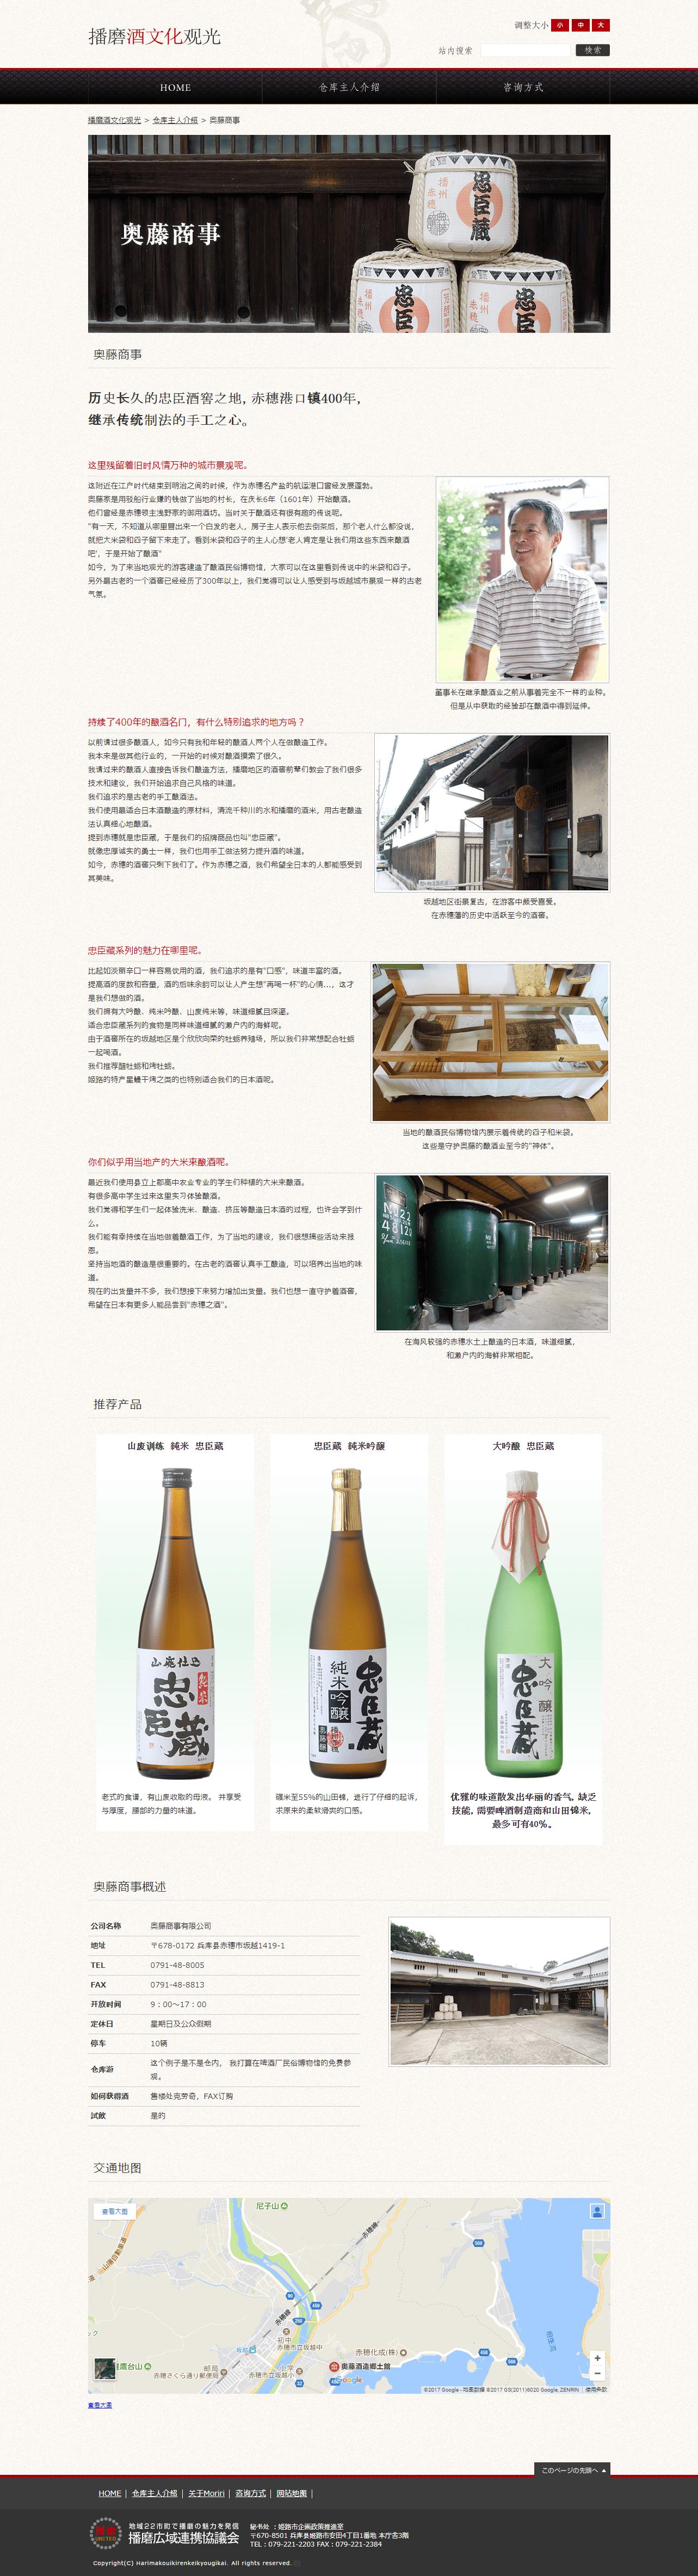 播磨広域連携協議会 はりま酒文化ツーリズム 中国語サイト2